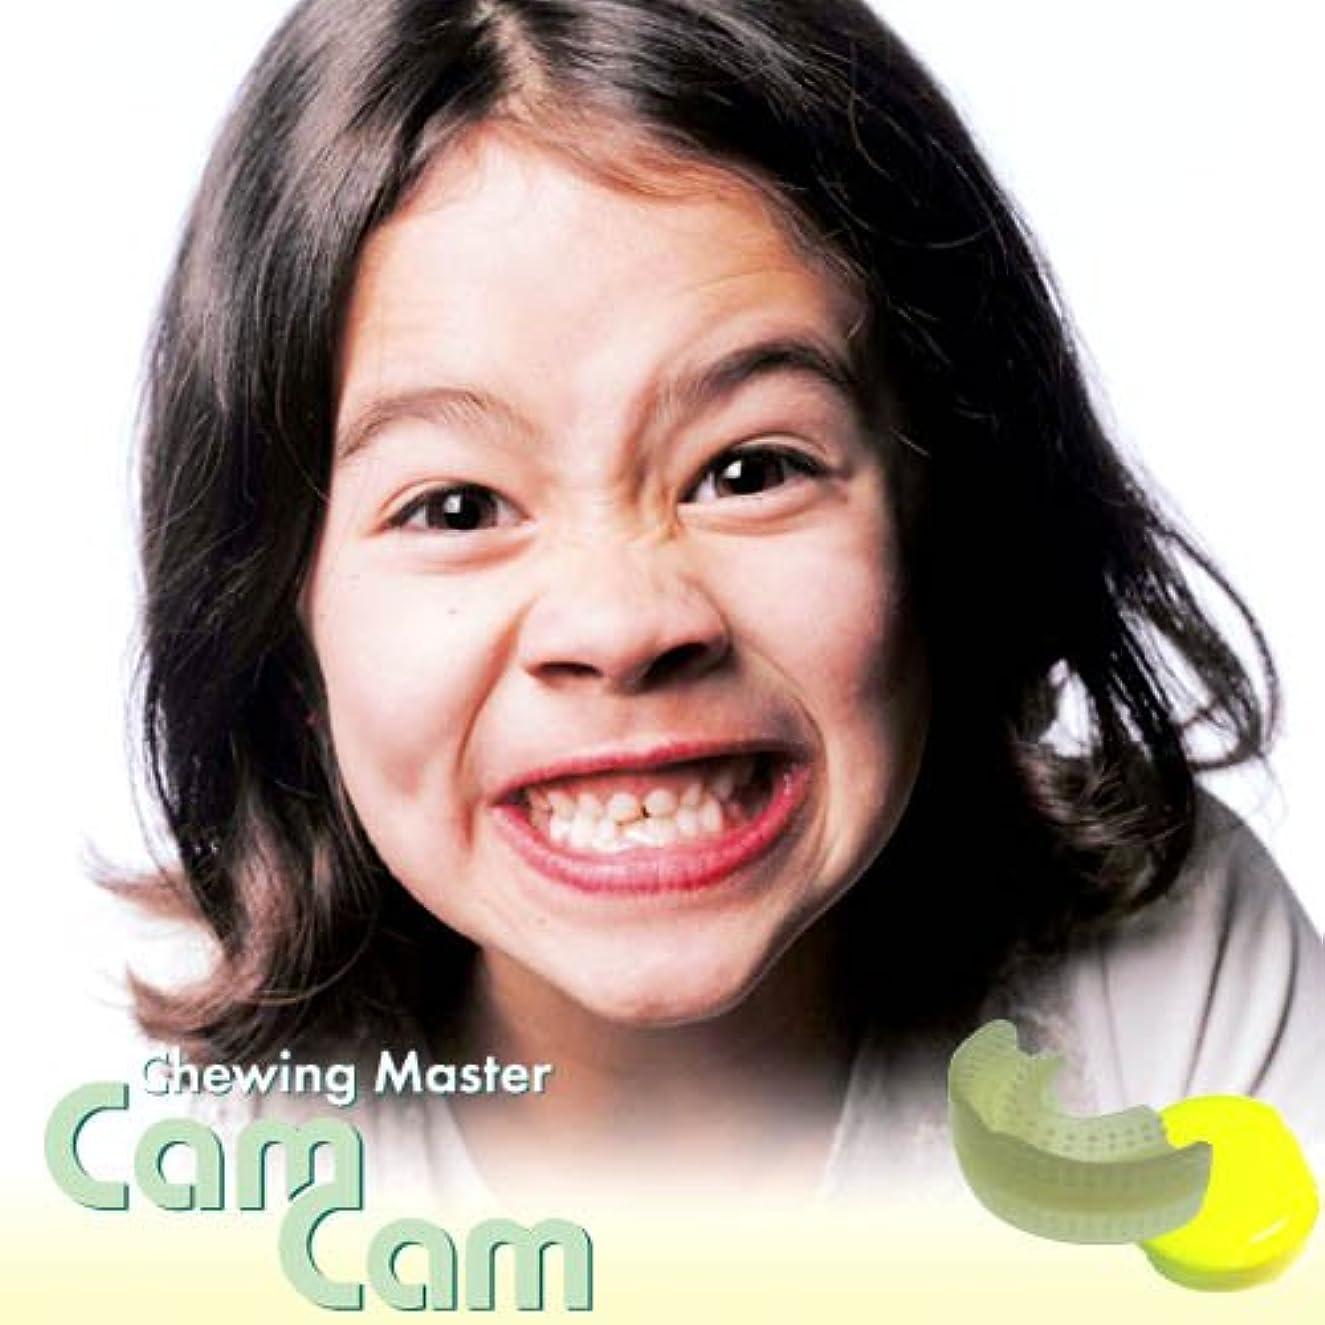 マオリギャング生じる歯科医師開発 口腔筋機能トレーニングマウスピース【CamCam ST】カムカム (イエロー) 乳歯列期から混合歯列期用